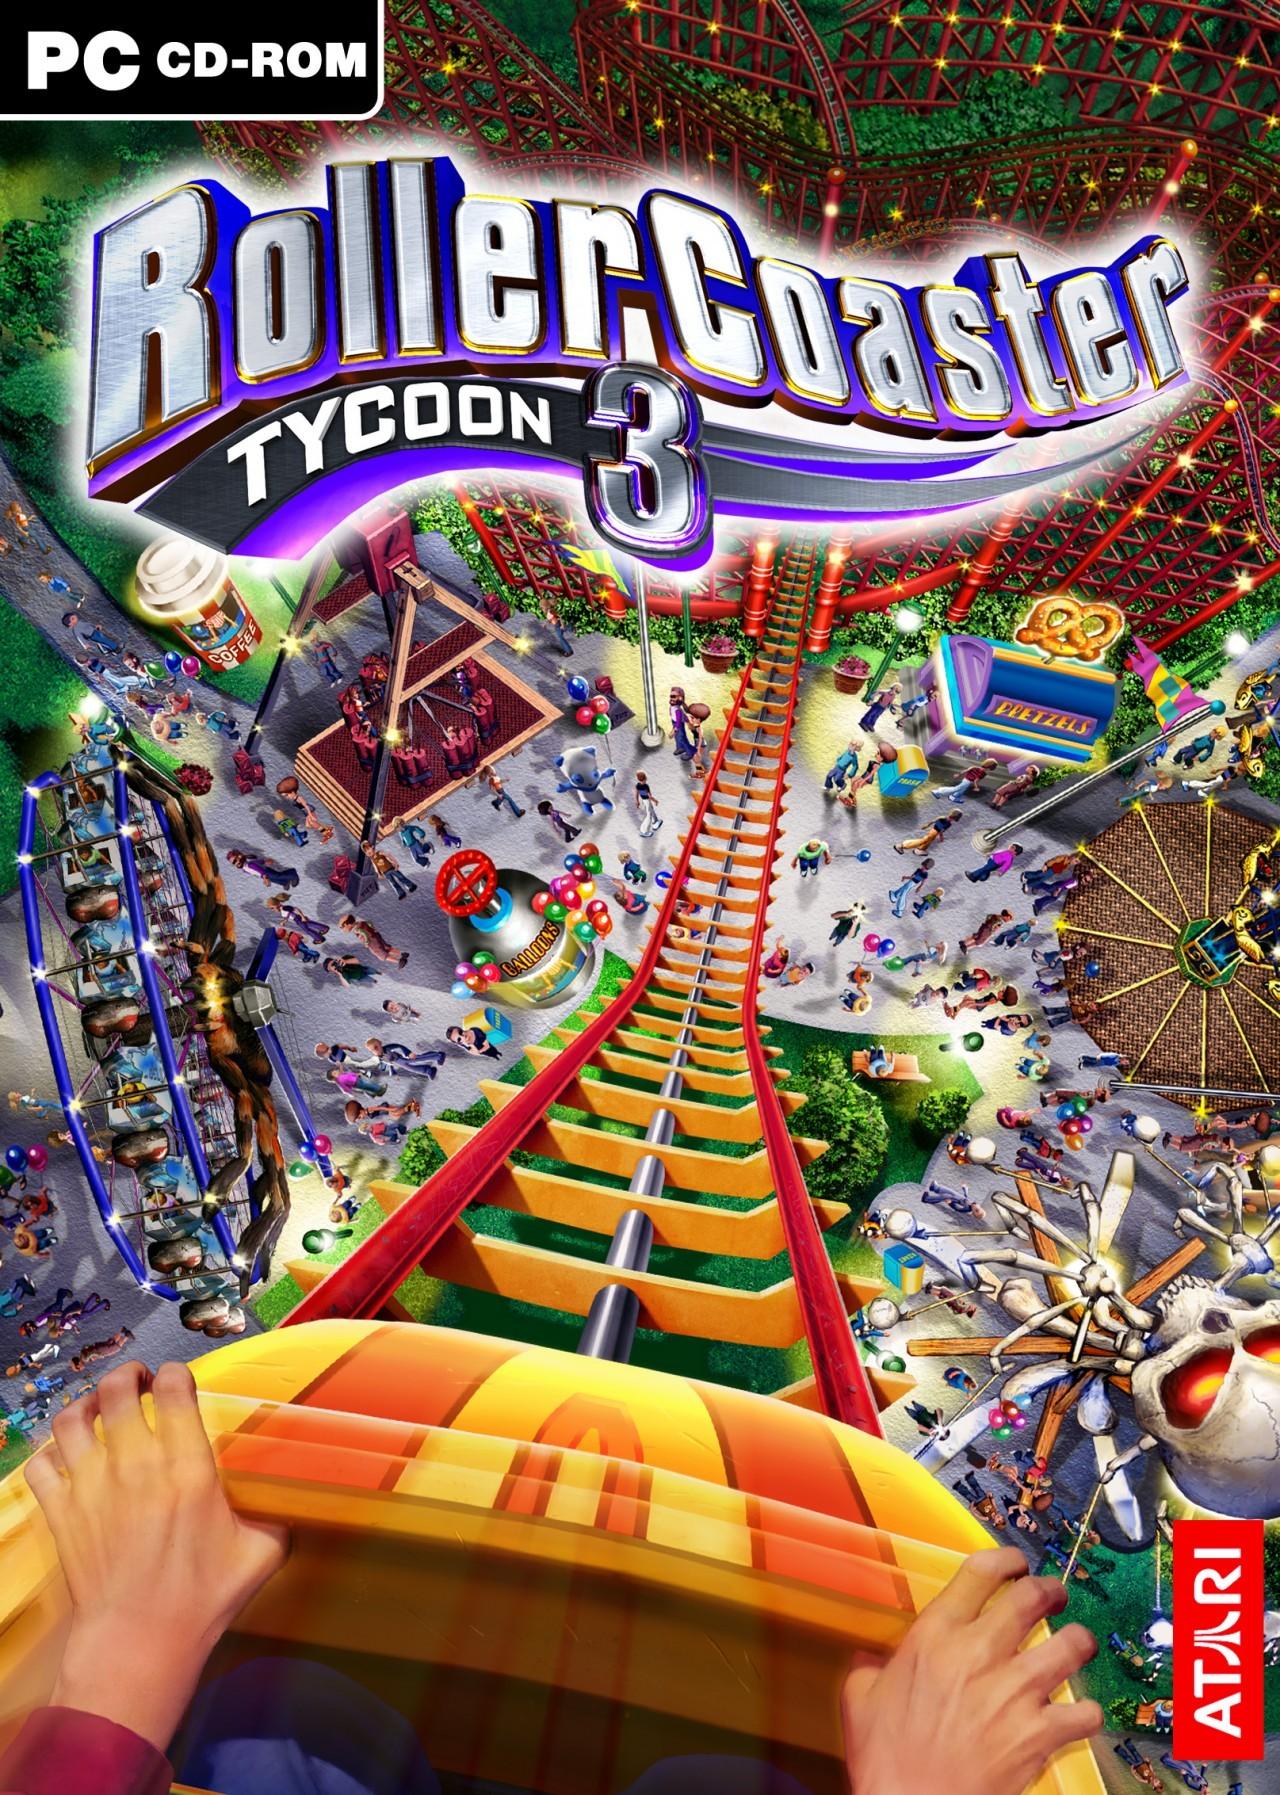 comment rembourser emprunt roller coaster tycoon 3